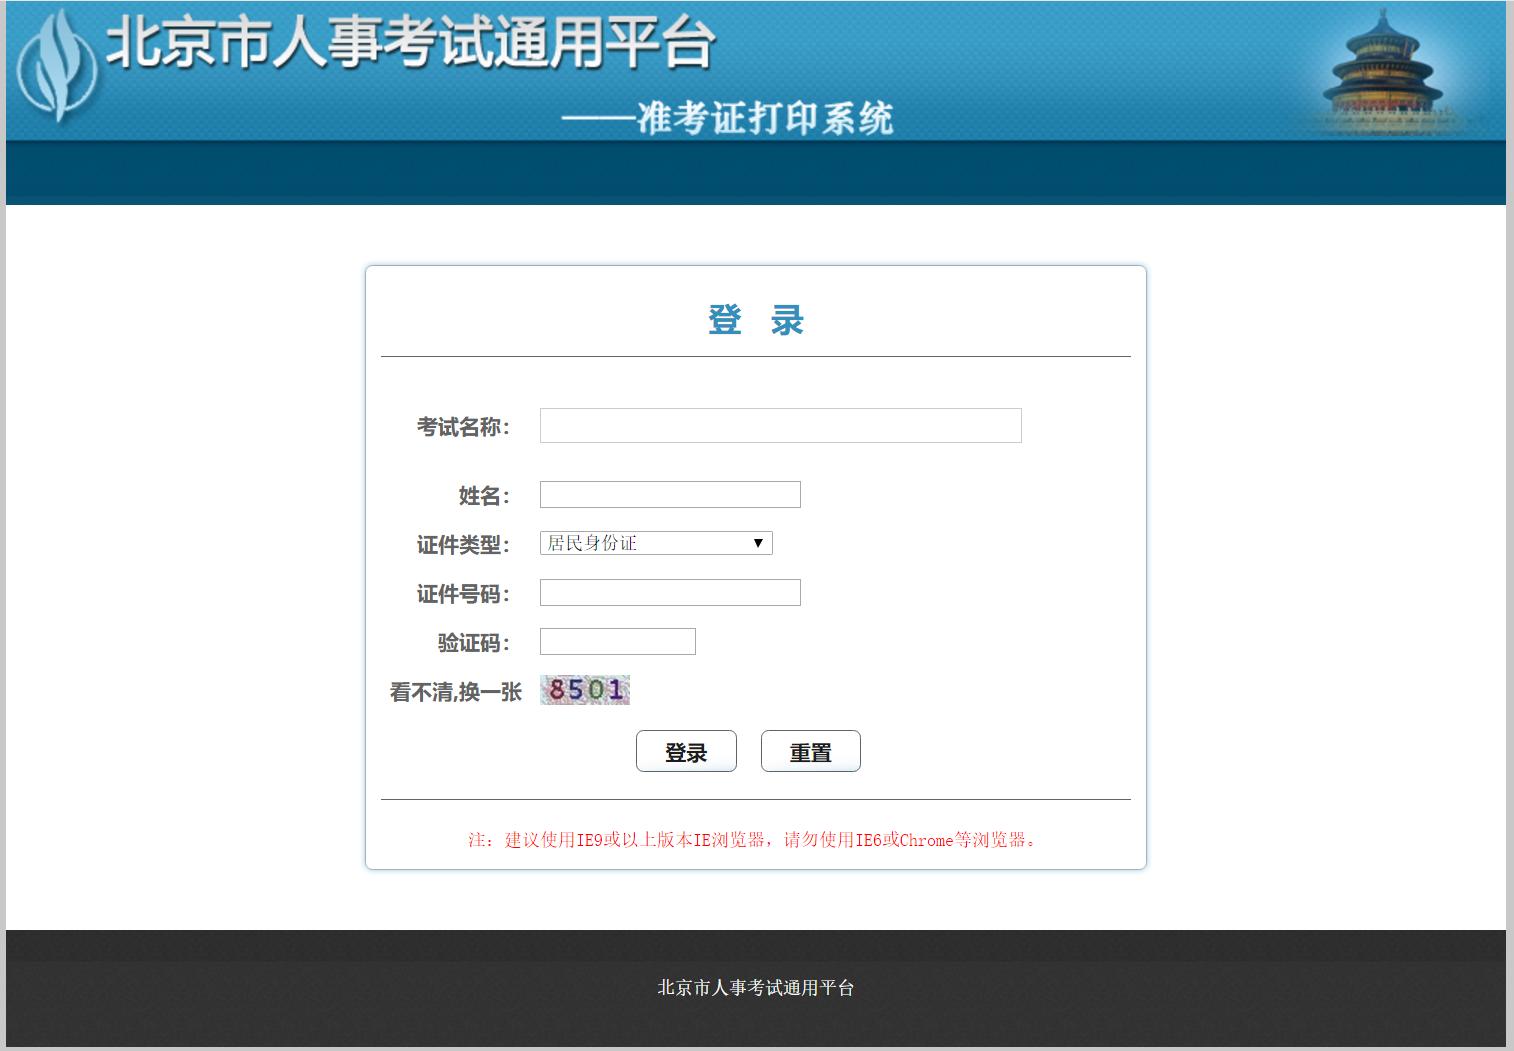 【准考证打印】2020年北京公务员考试准考证打印入口